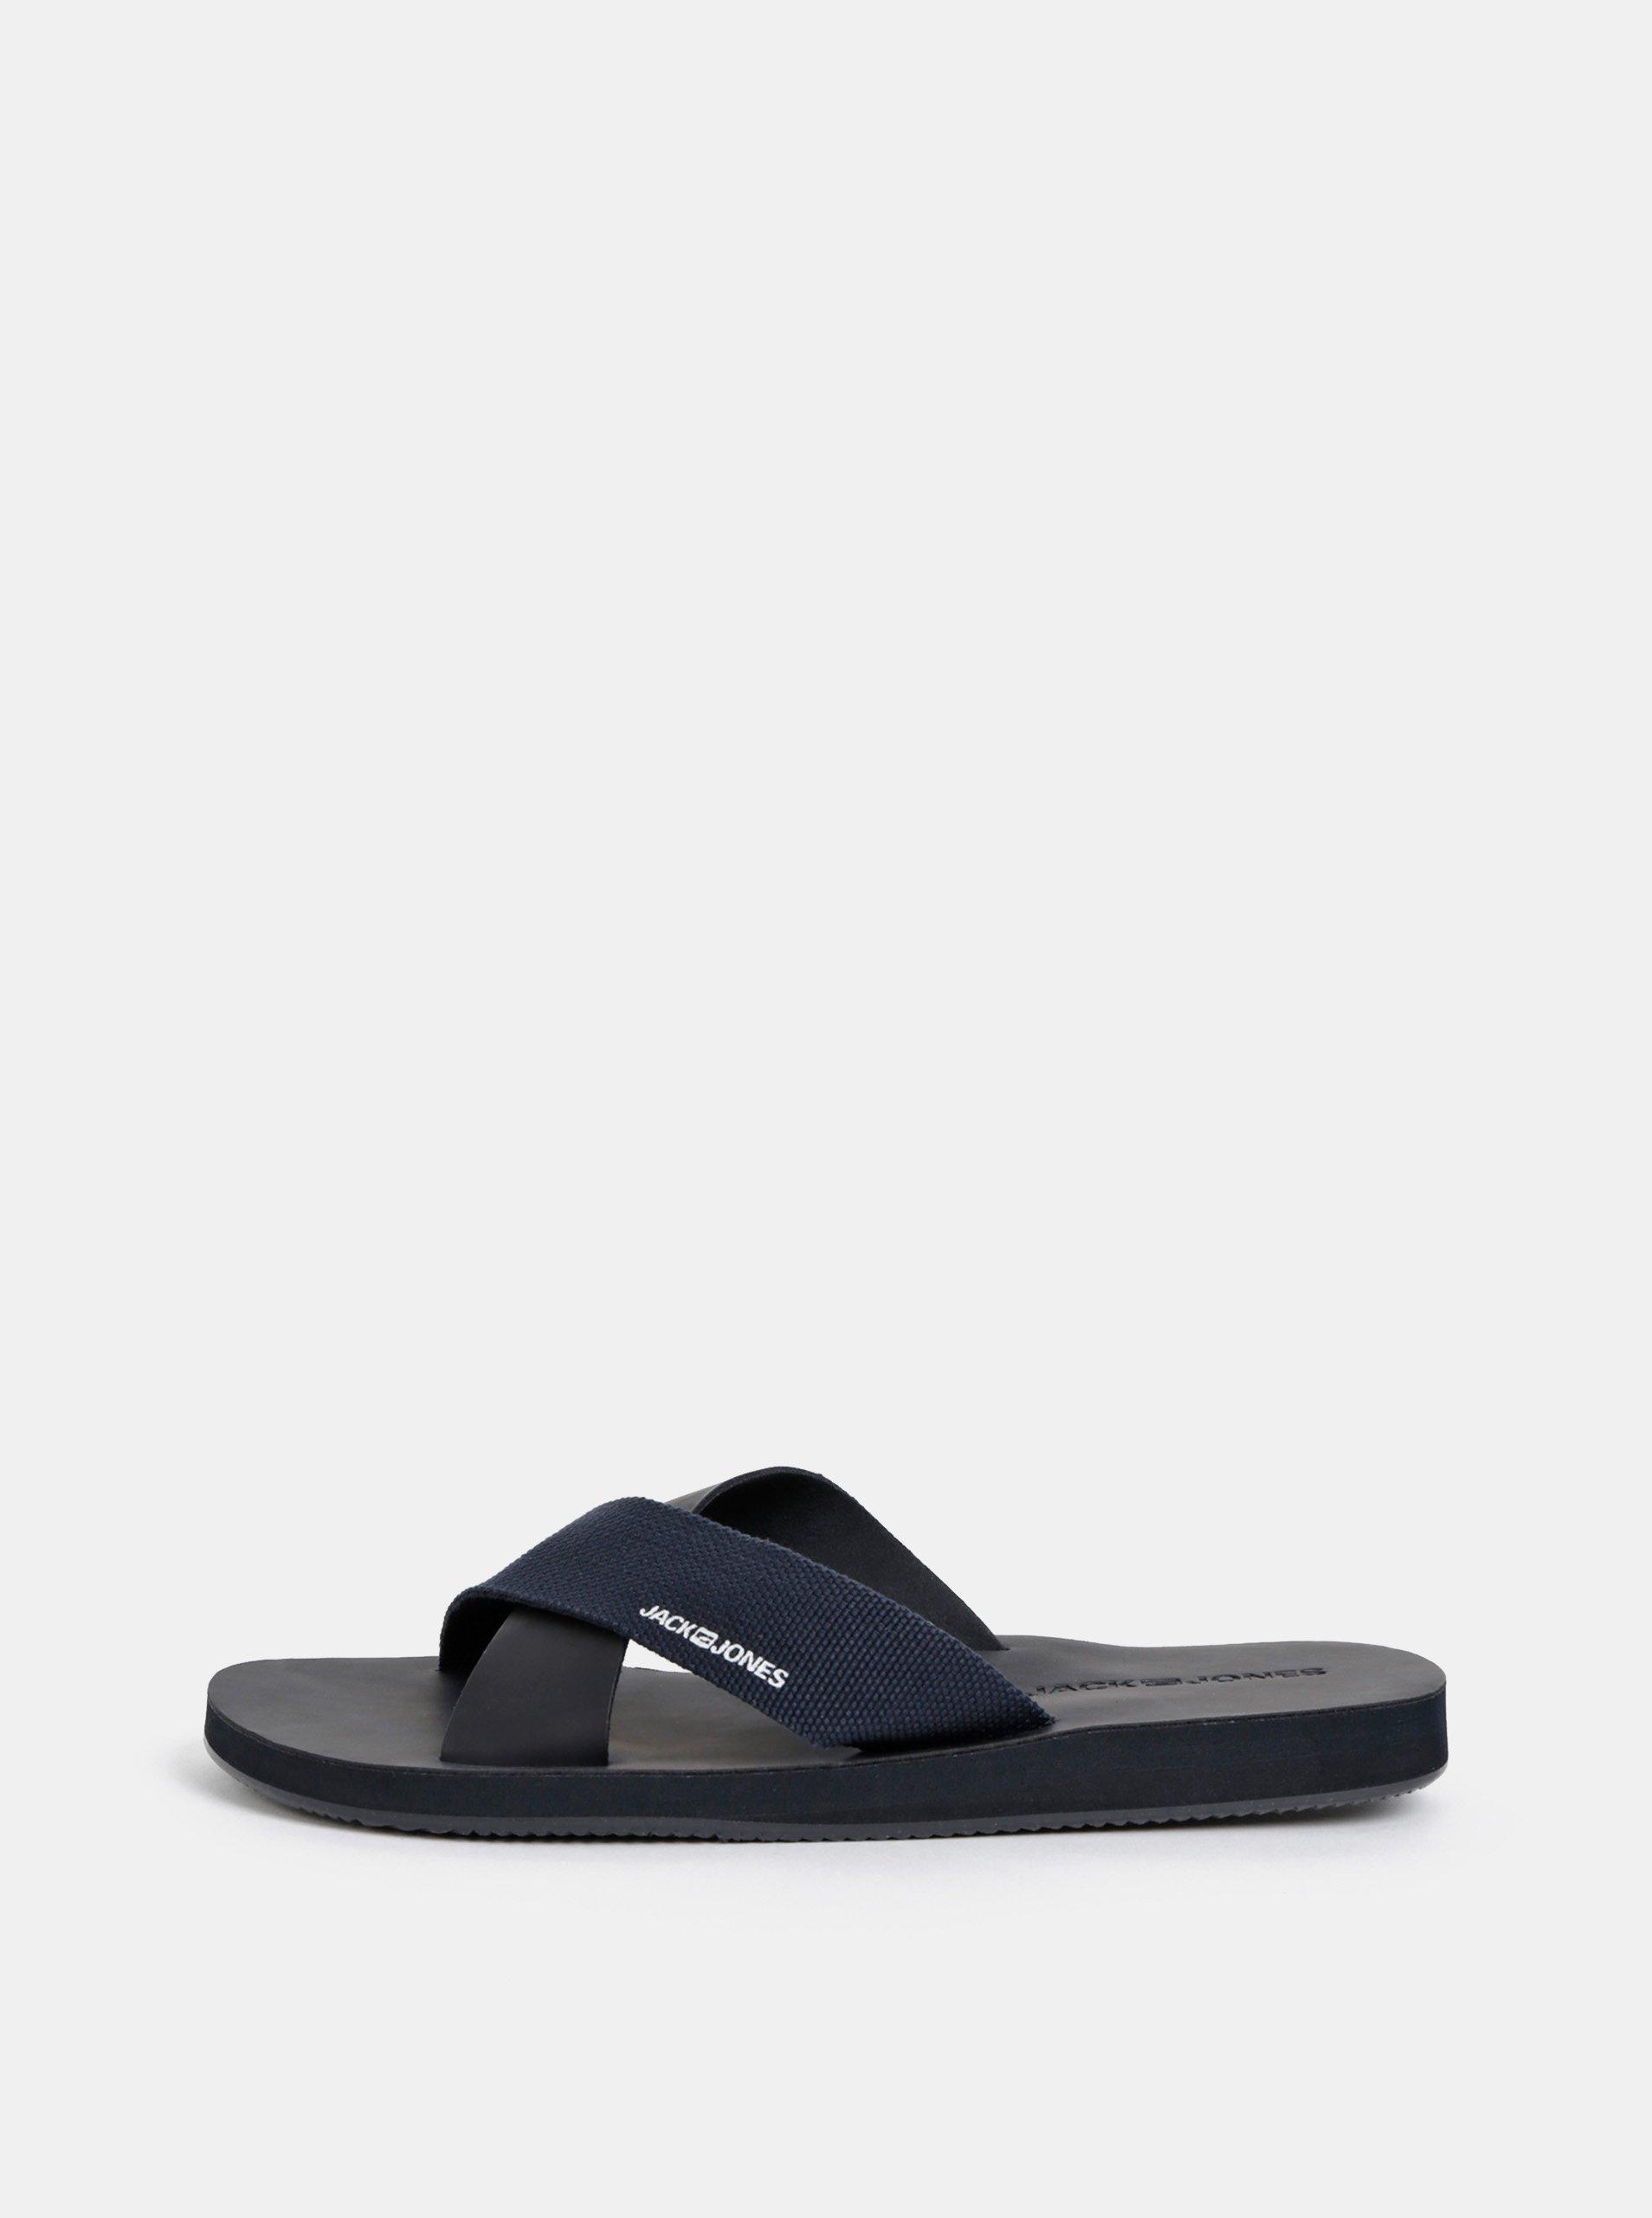 Černé pánské pantofle Jack & Jones Nova